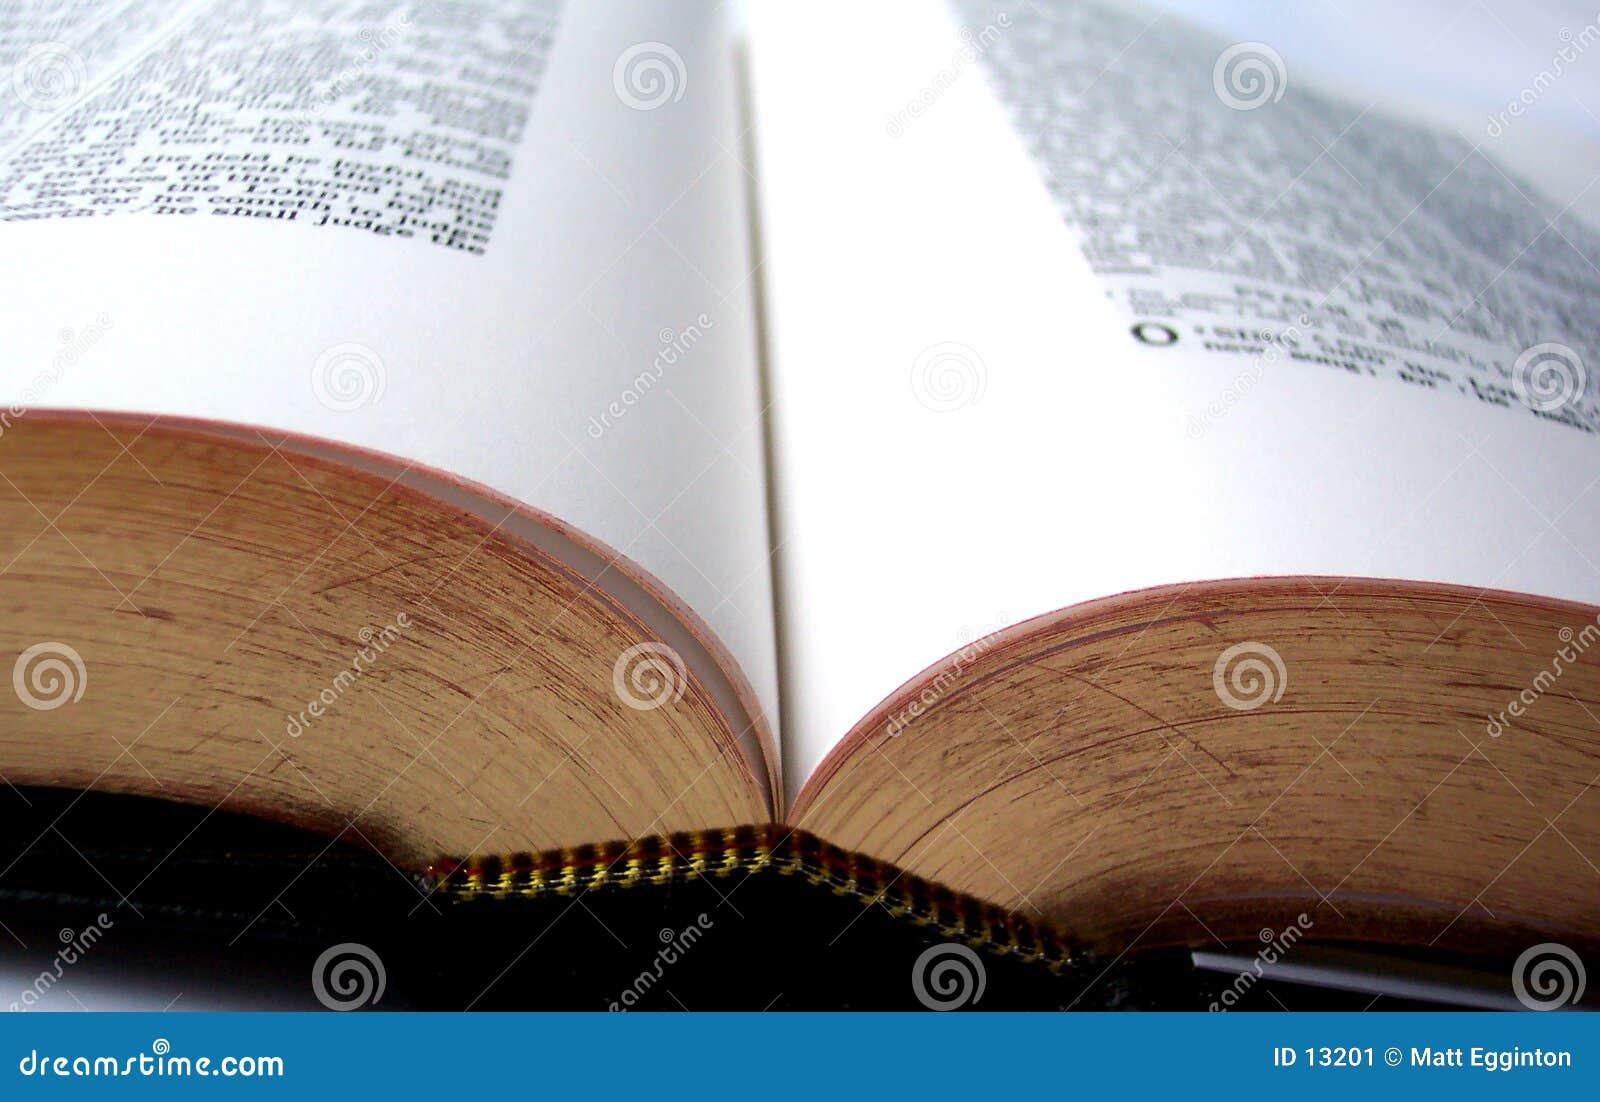 开放的圣经